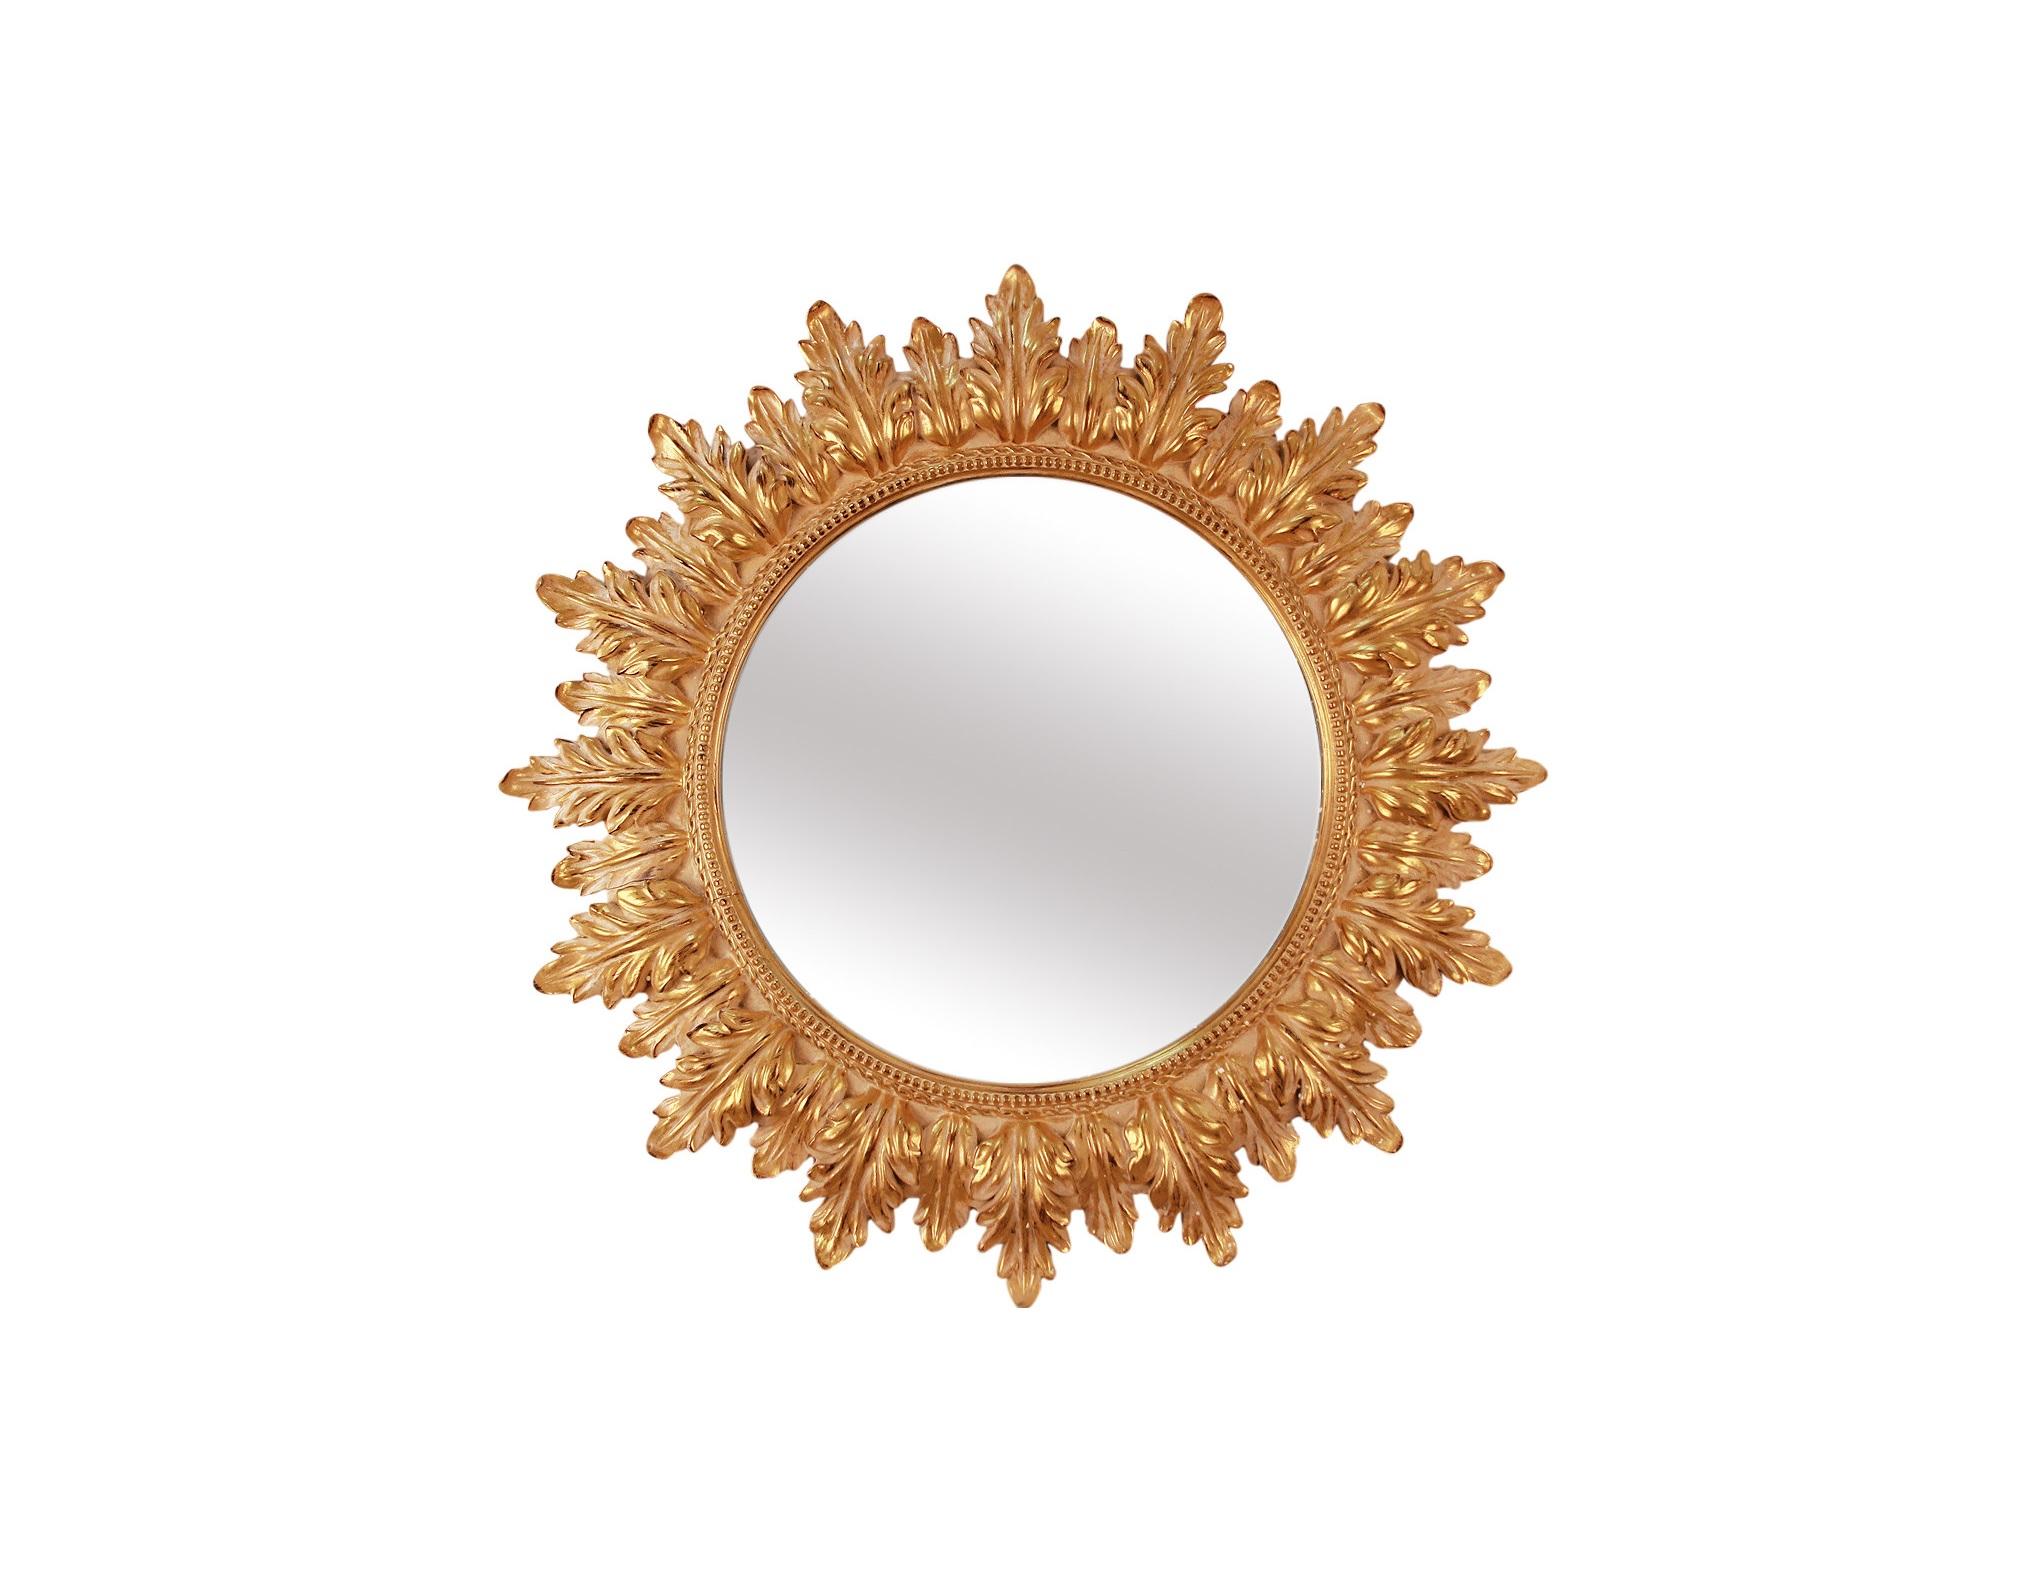 Зеркало АльбаНастенные зеркала<br>Крепления входят в стоимость.<br><br>Material: Пластик<br>Ширина см: 86.0<br>Высота см: 86.0<br>Глубина см: 4.0